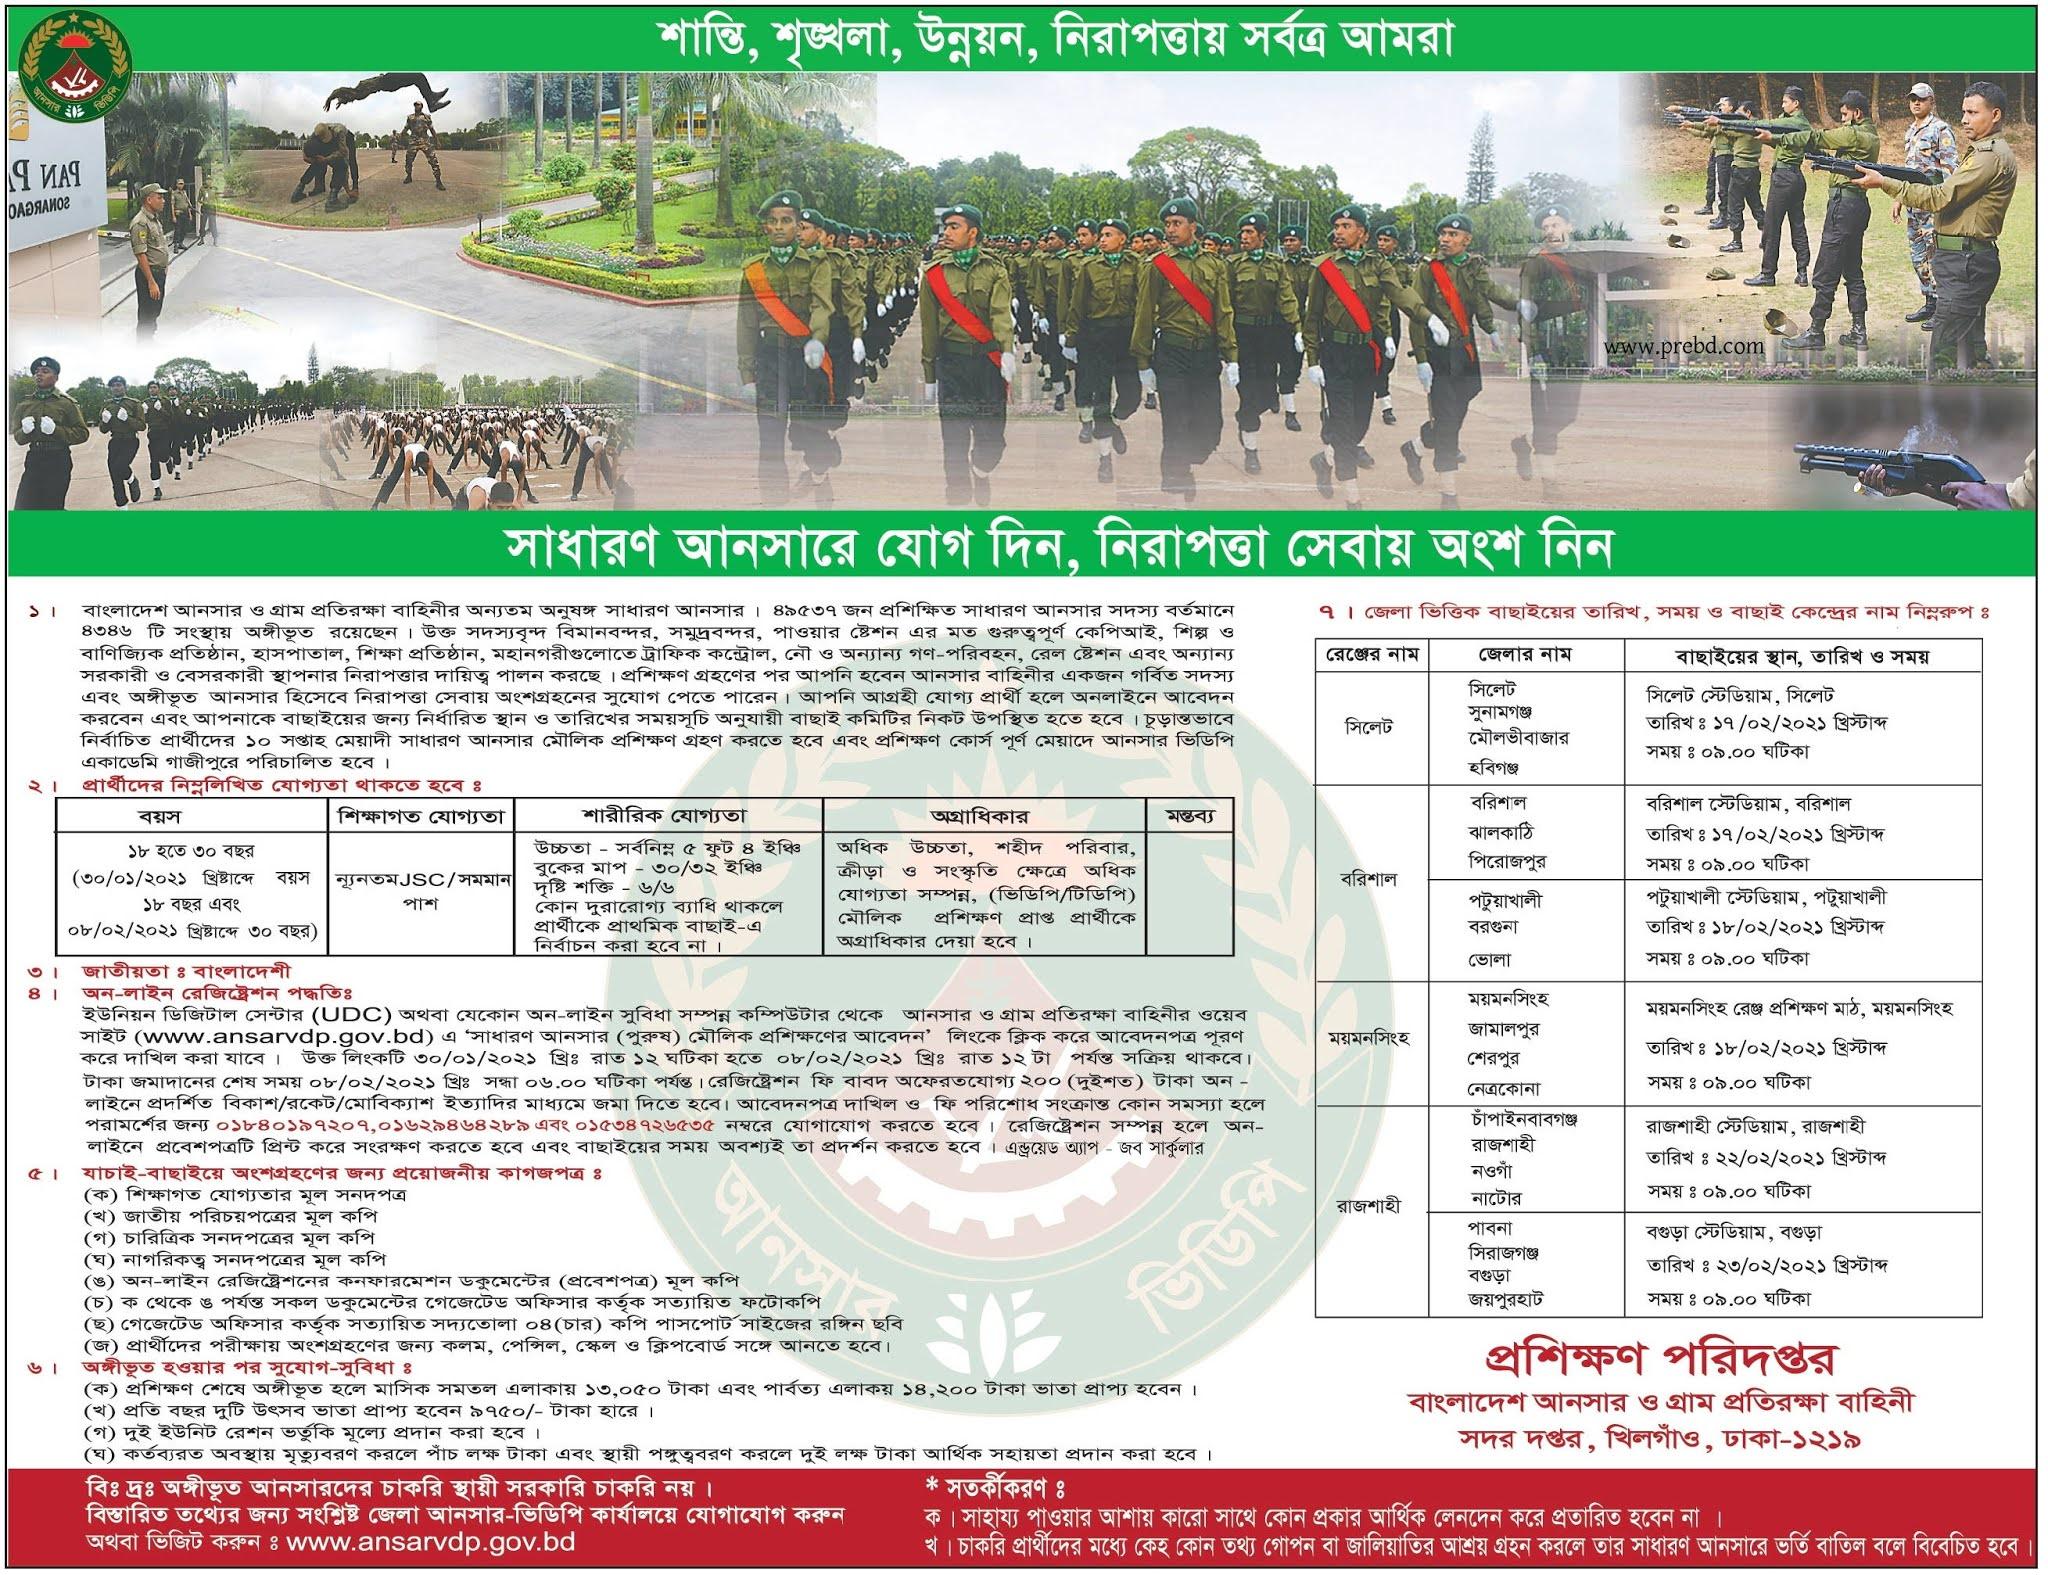 বাংলাদেশ আনসার ও গ্রাম প্রতিরক্ষা বাহিনী (Ansar-VDP) নিয়োগ বিজ্ঞপ্তি ২০২১